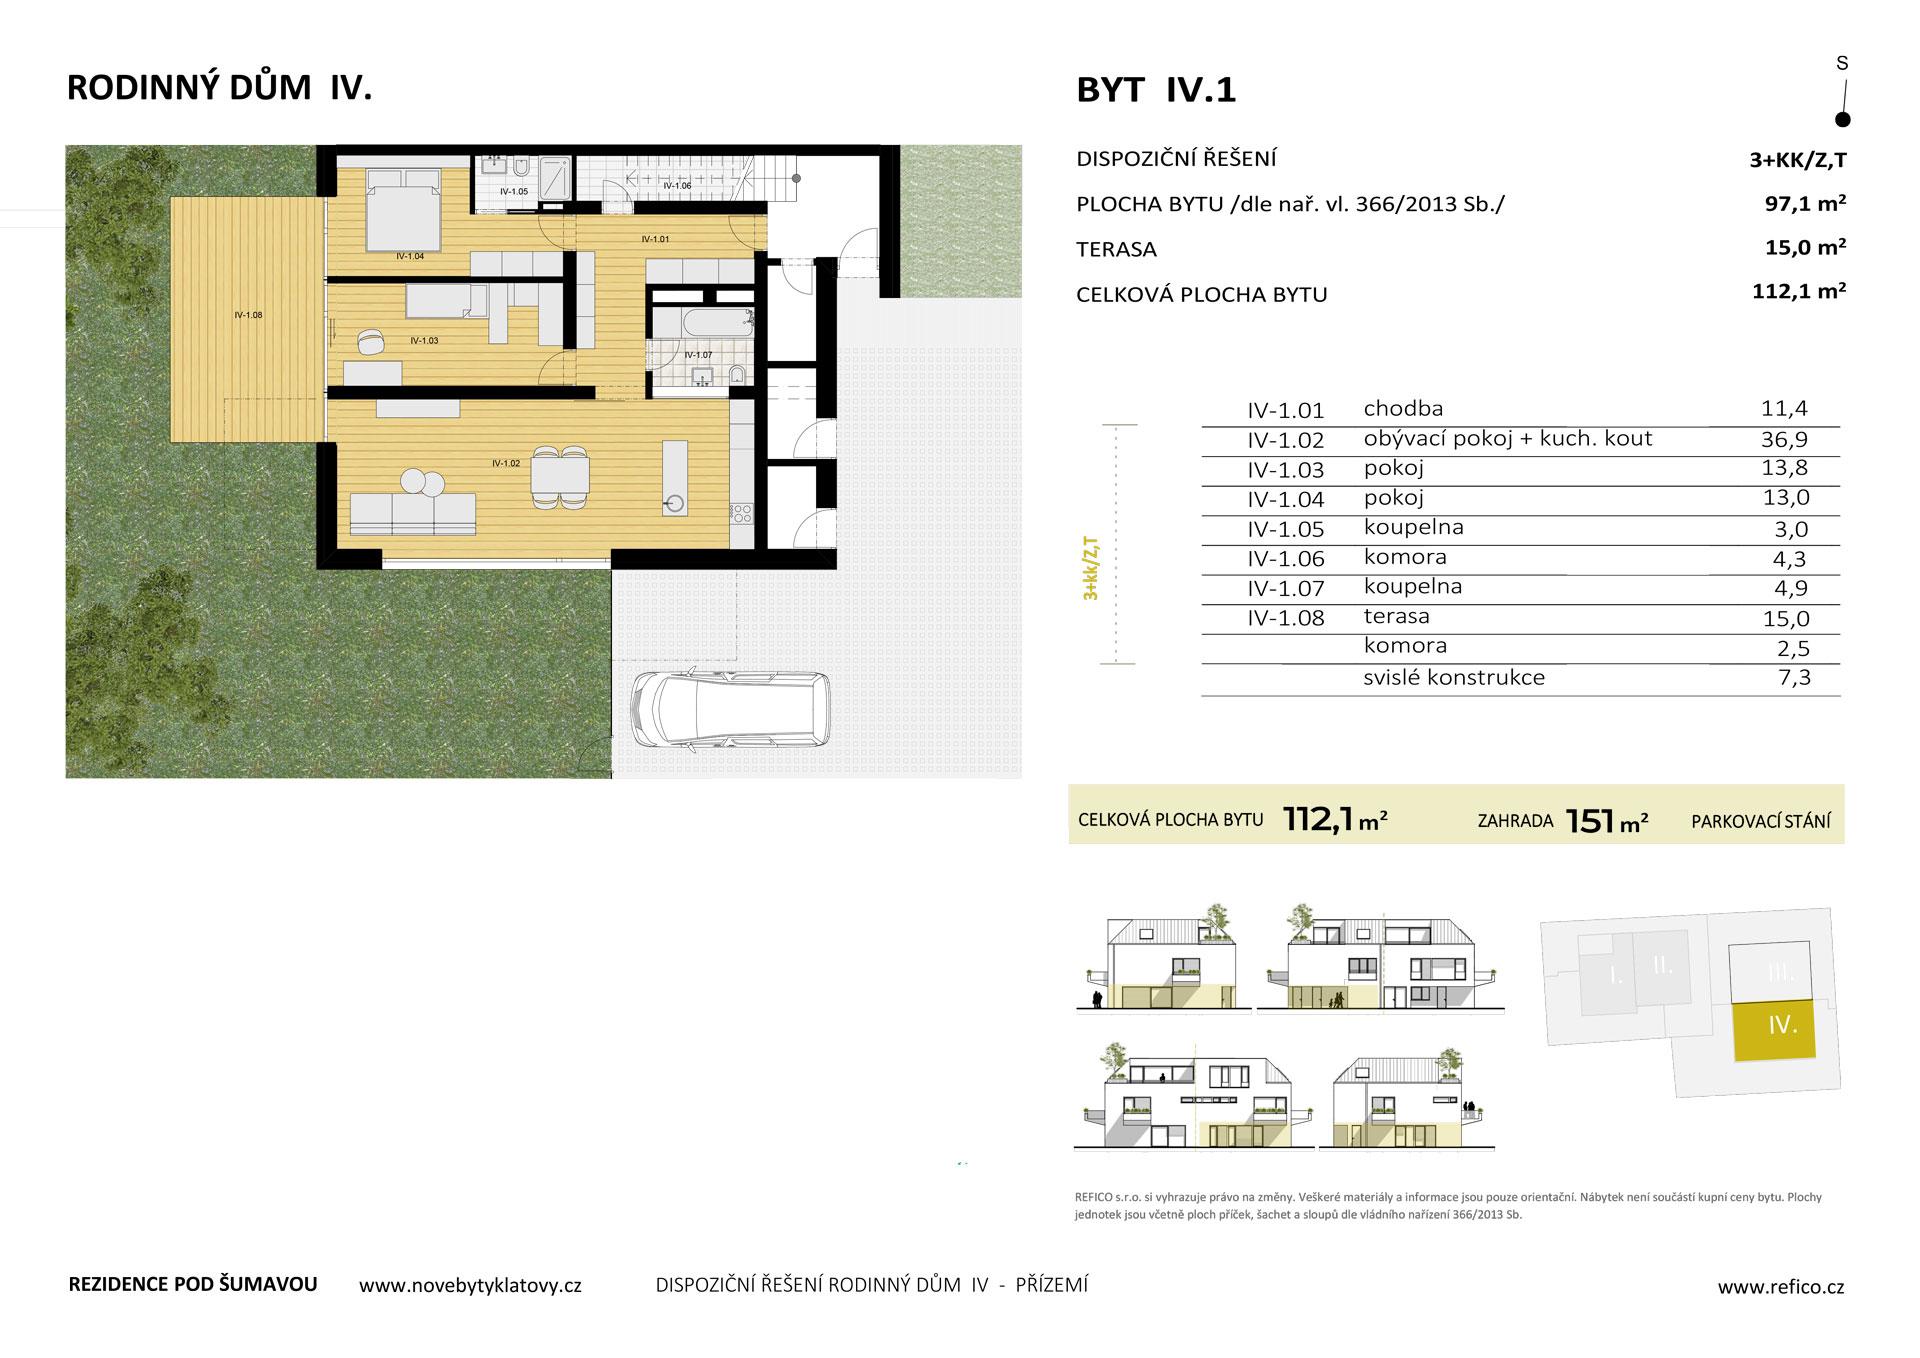 Dům IV., byt 1, přízemí, 3+KK/Z,T